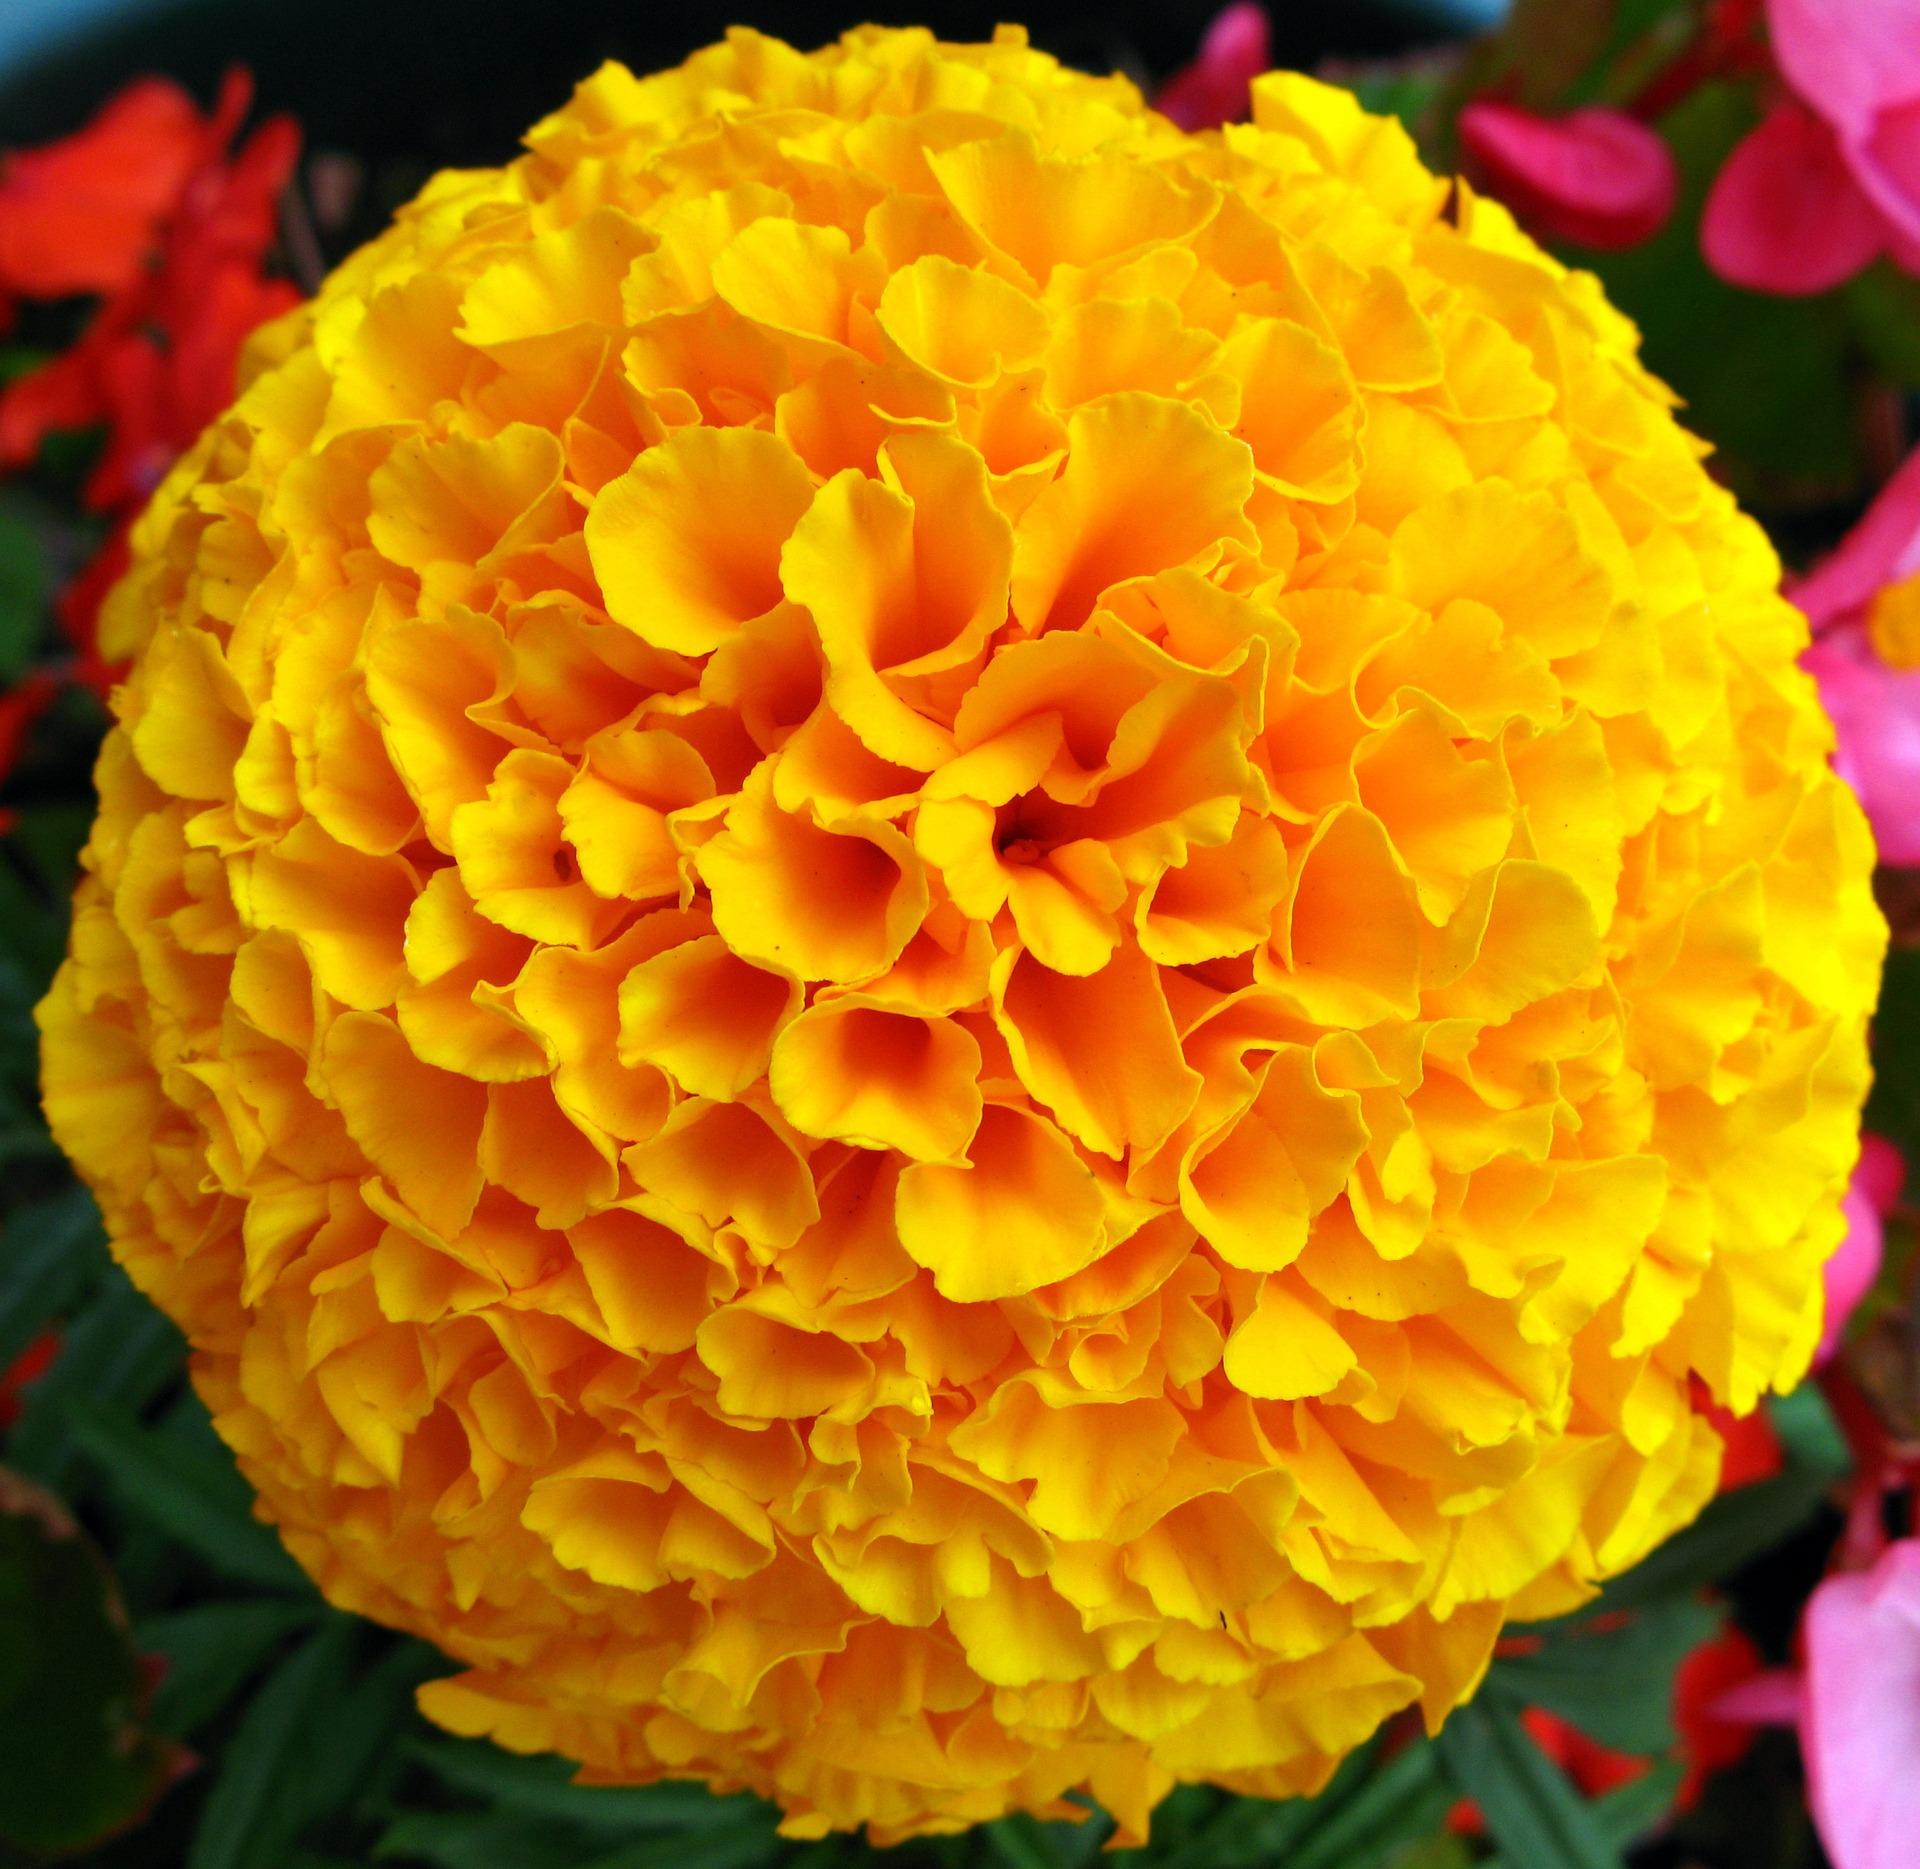 flower-669579_1920